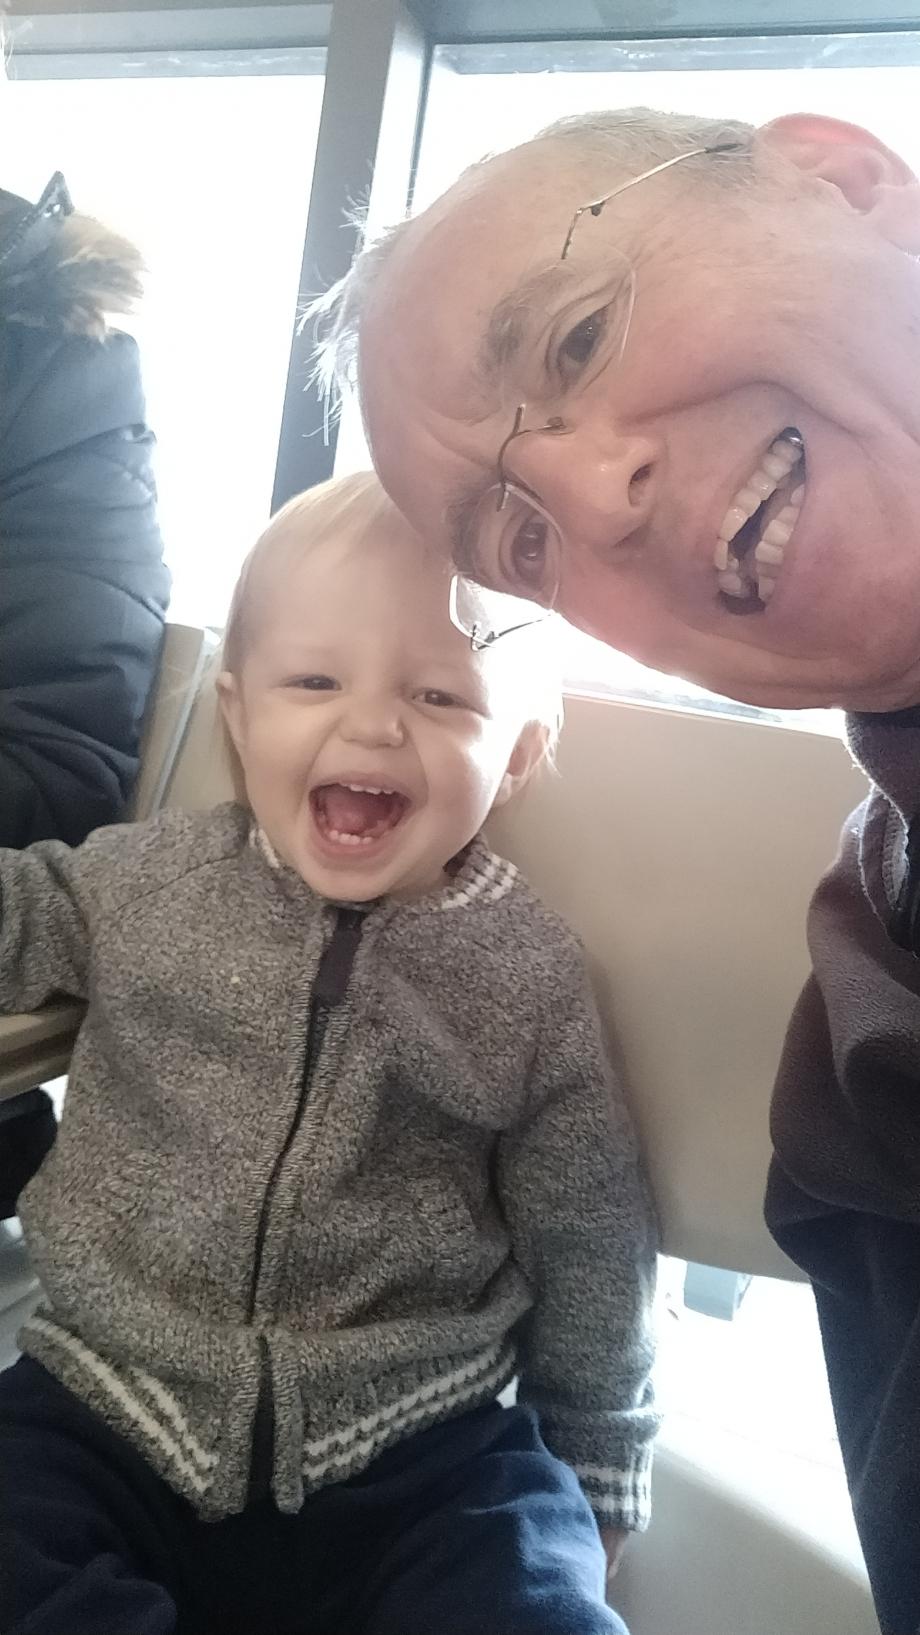 Avec son papi dans la salle d'attente des urgences. Là ça va bien !